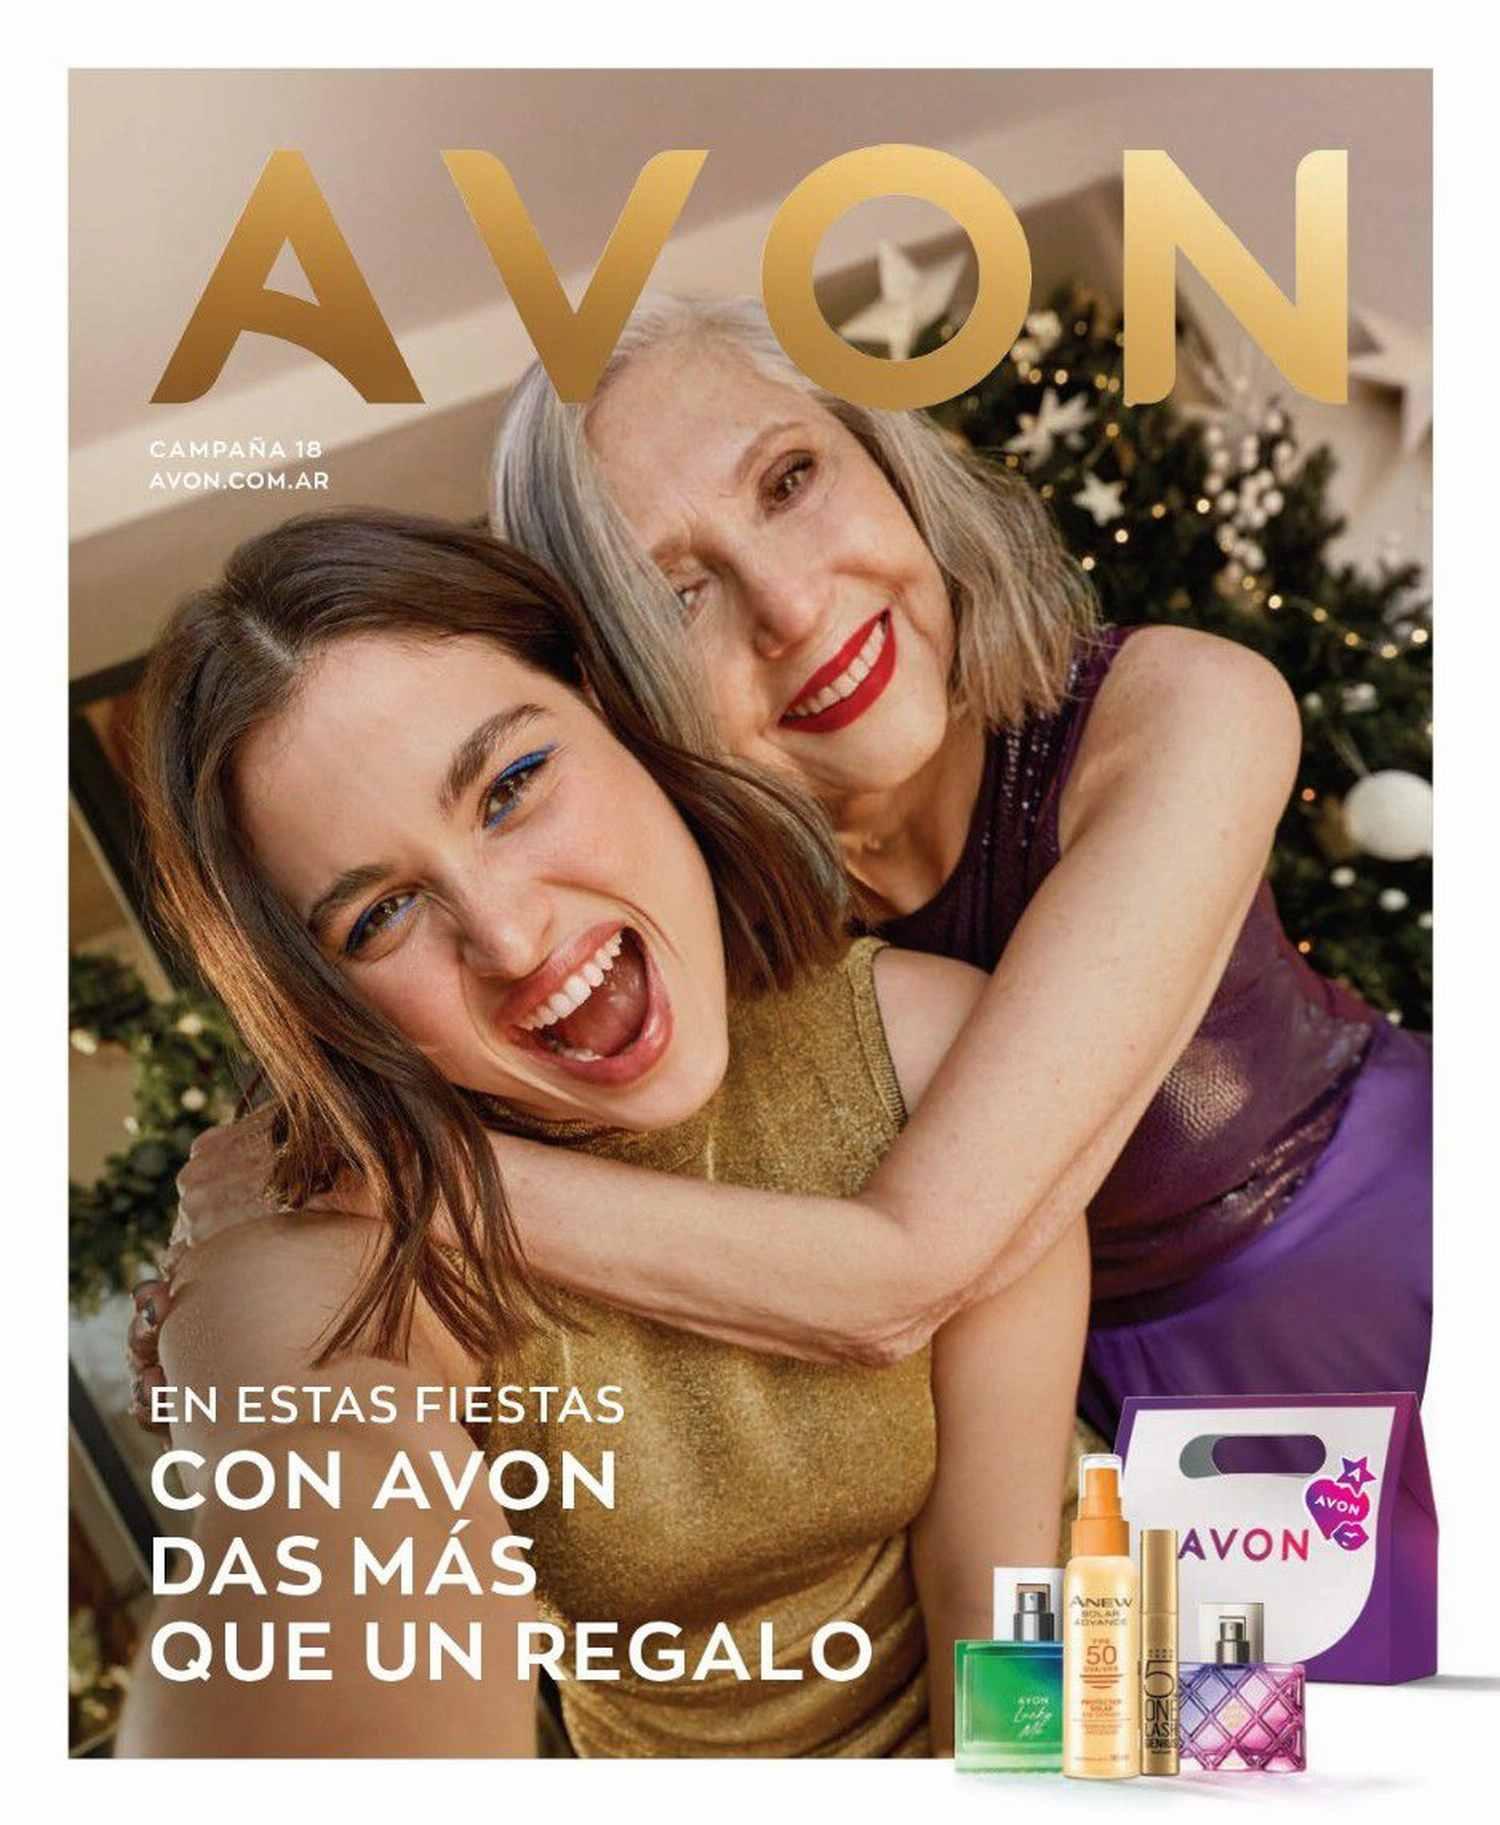 Catálogo Avon Campaña 18 2021 Argentina